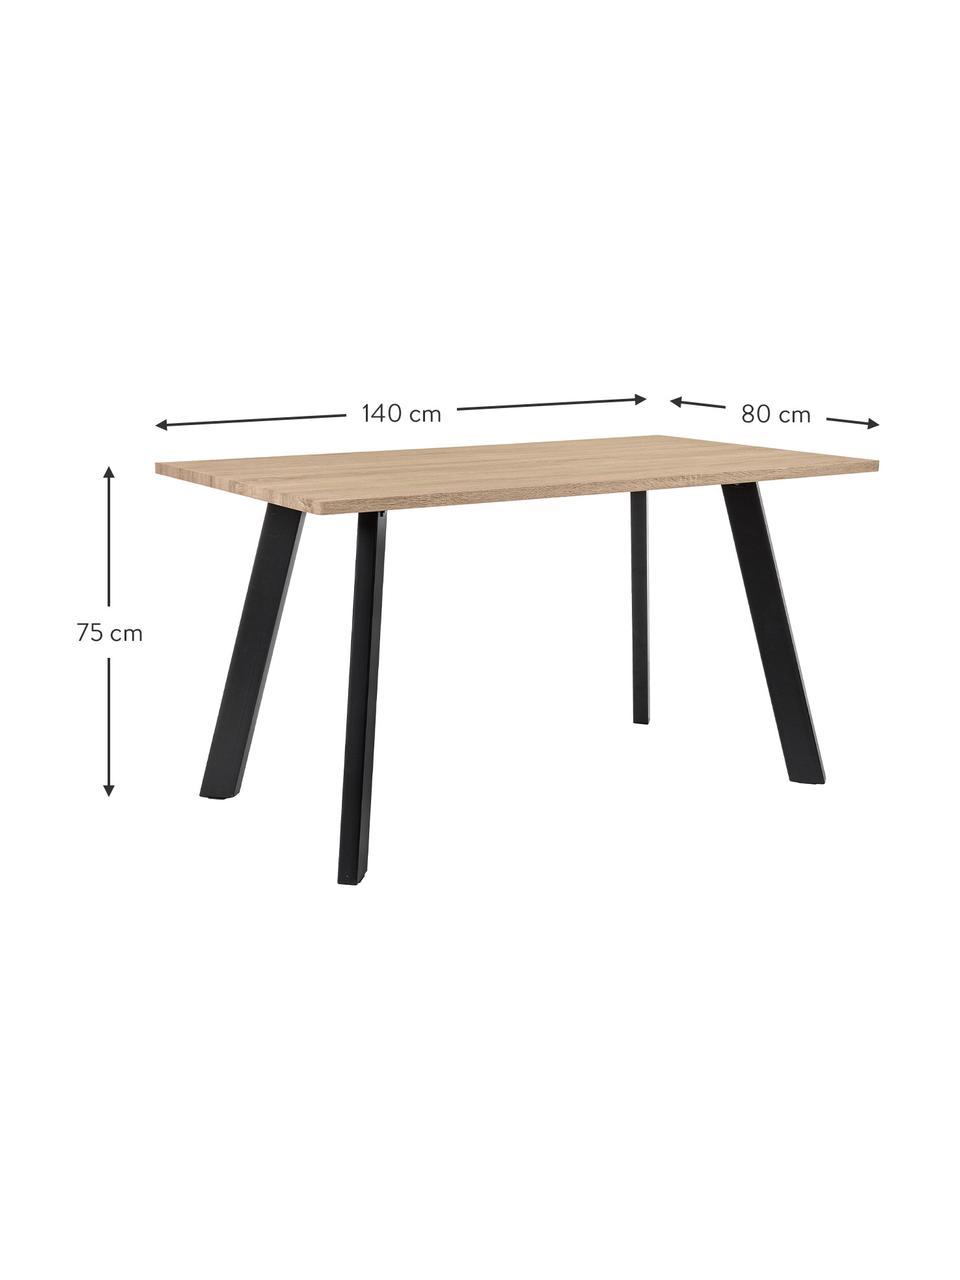 Esstisch Henry mit Tischplatte in Eichenholz-Optik, Tischplatte: Mitteldichte Holzfaserpla, Beine: Metall, pulverbeschichtet, Eichenholz, B 140 x T 80 cm